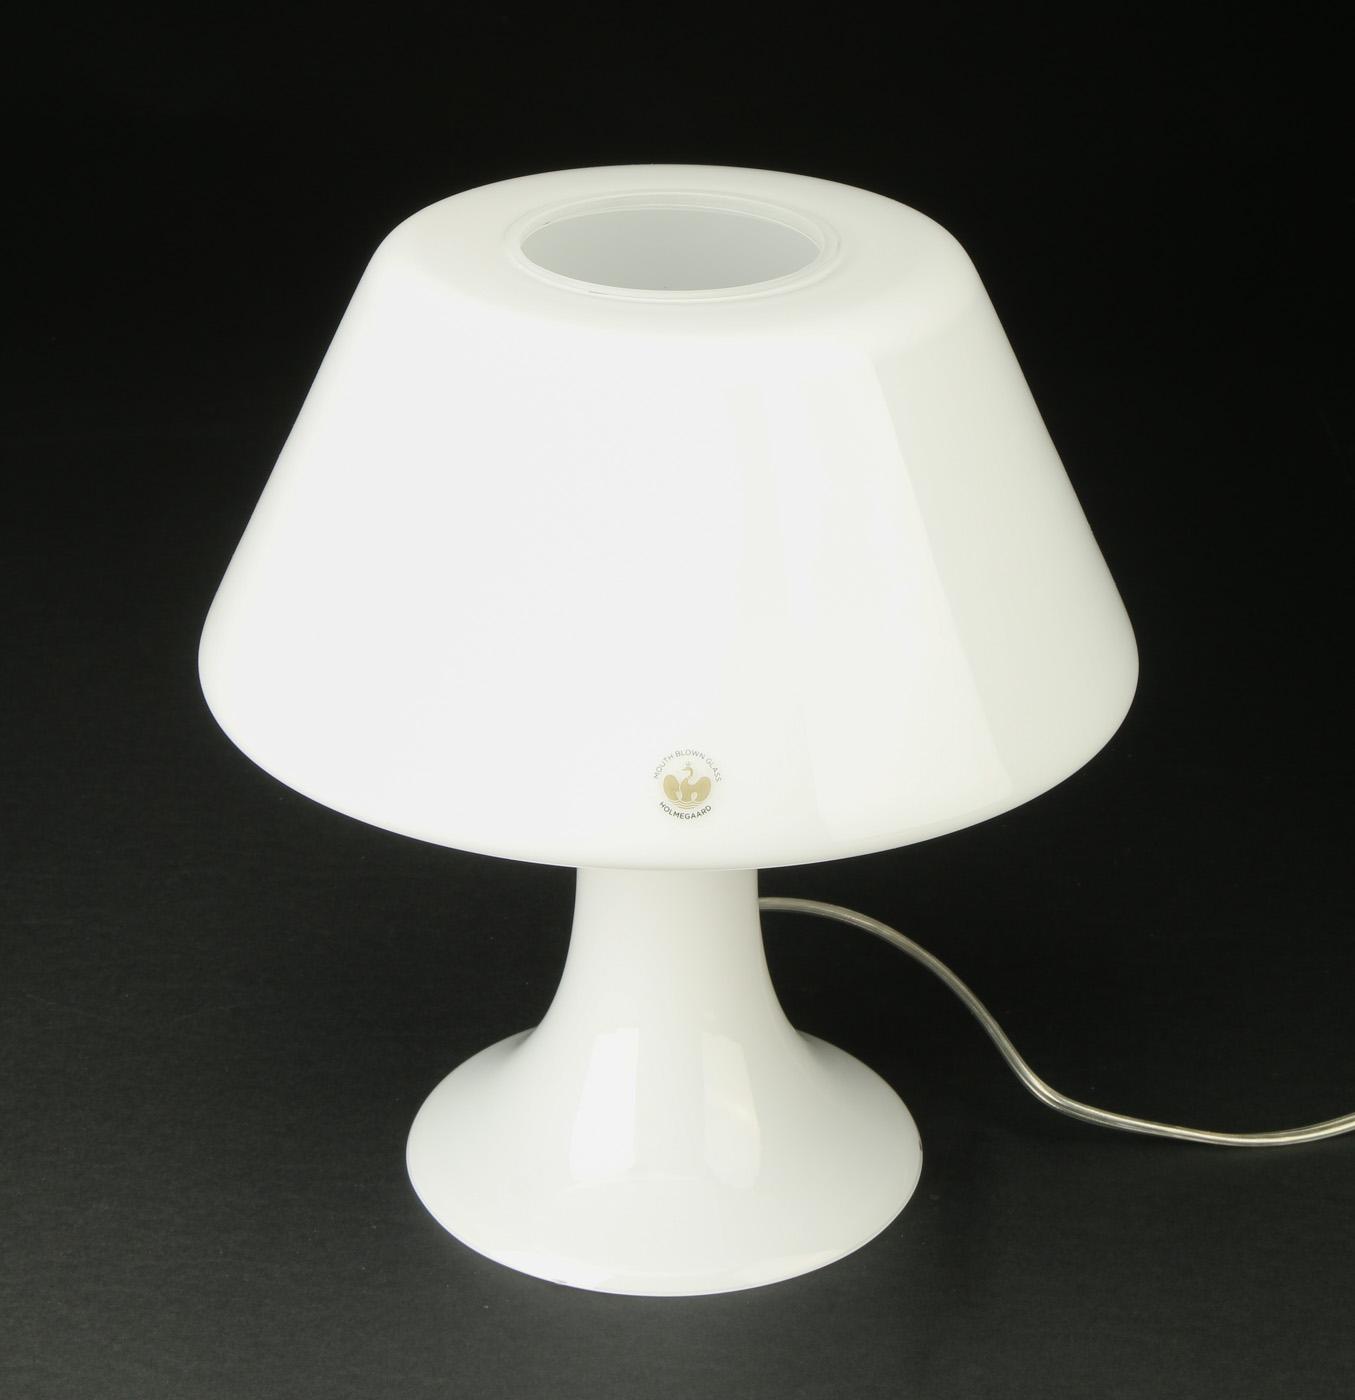 Holmegaard bordlampe af mundblæst opal glas, model One